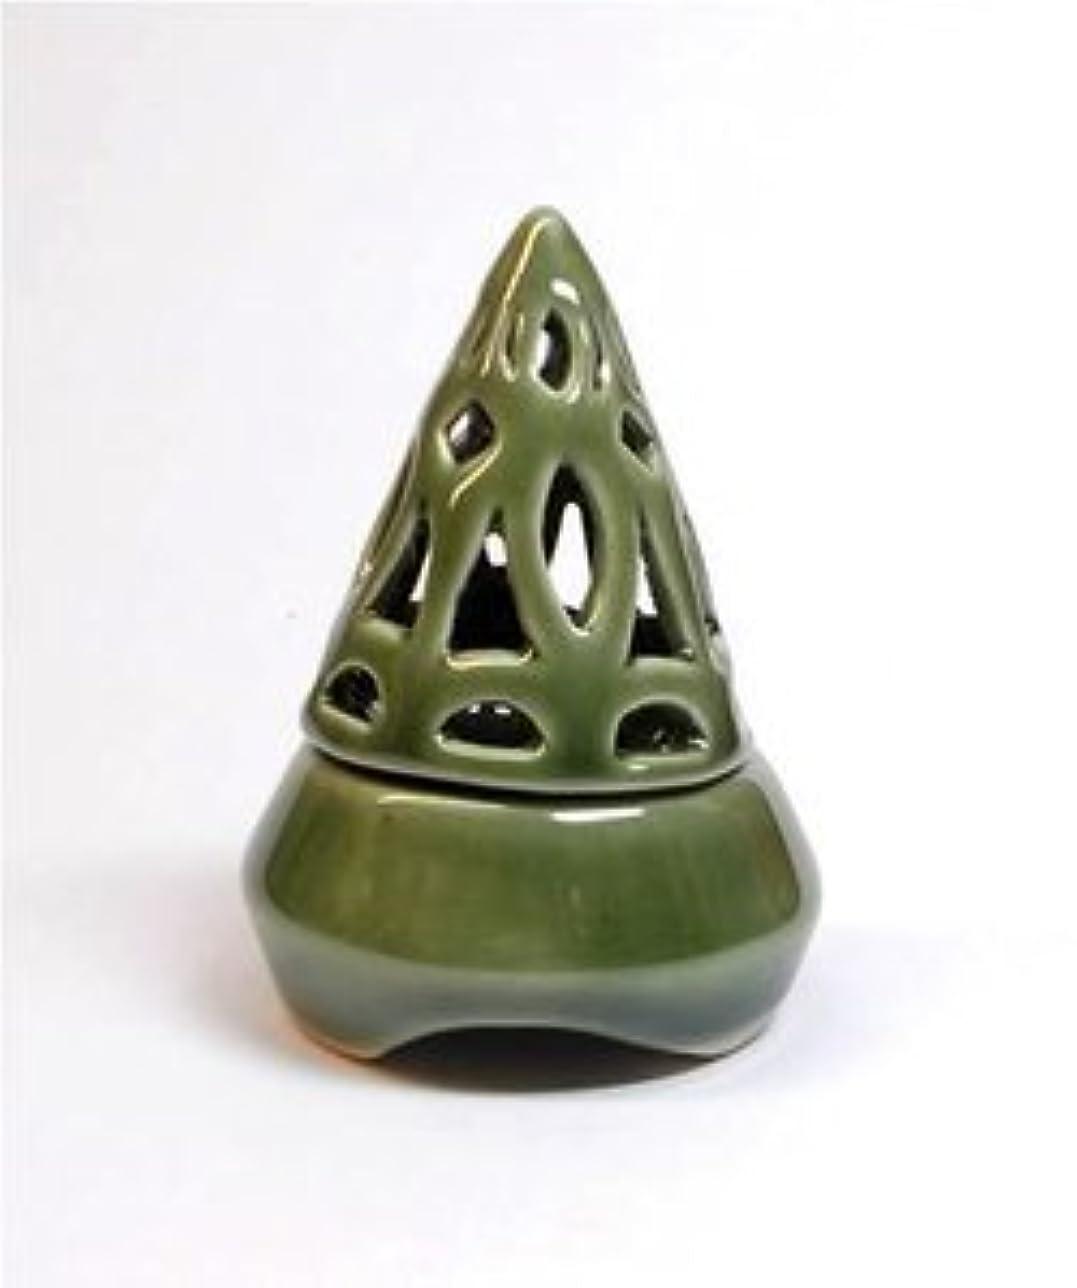 競争海洋意識香炉コーン型 緑 インセンス ホルダー コーン用 お香立て アジアン雑貨